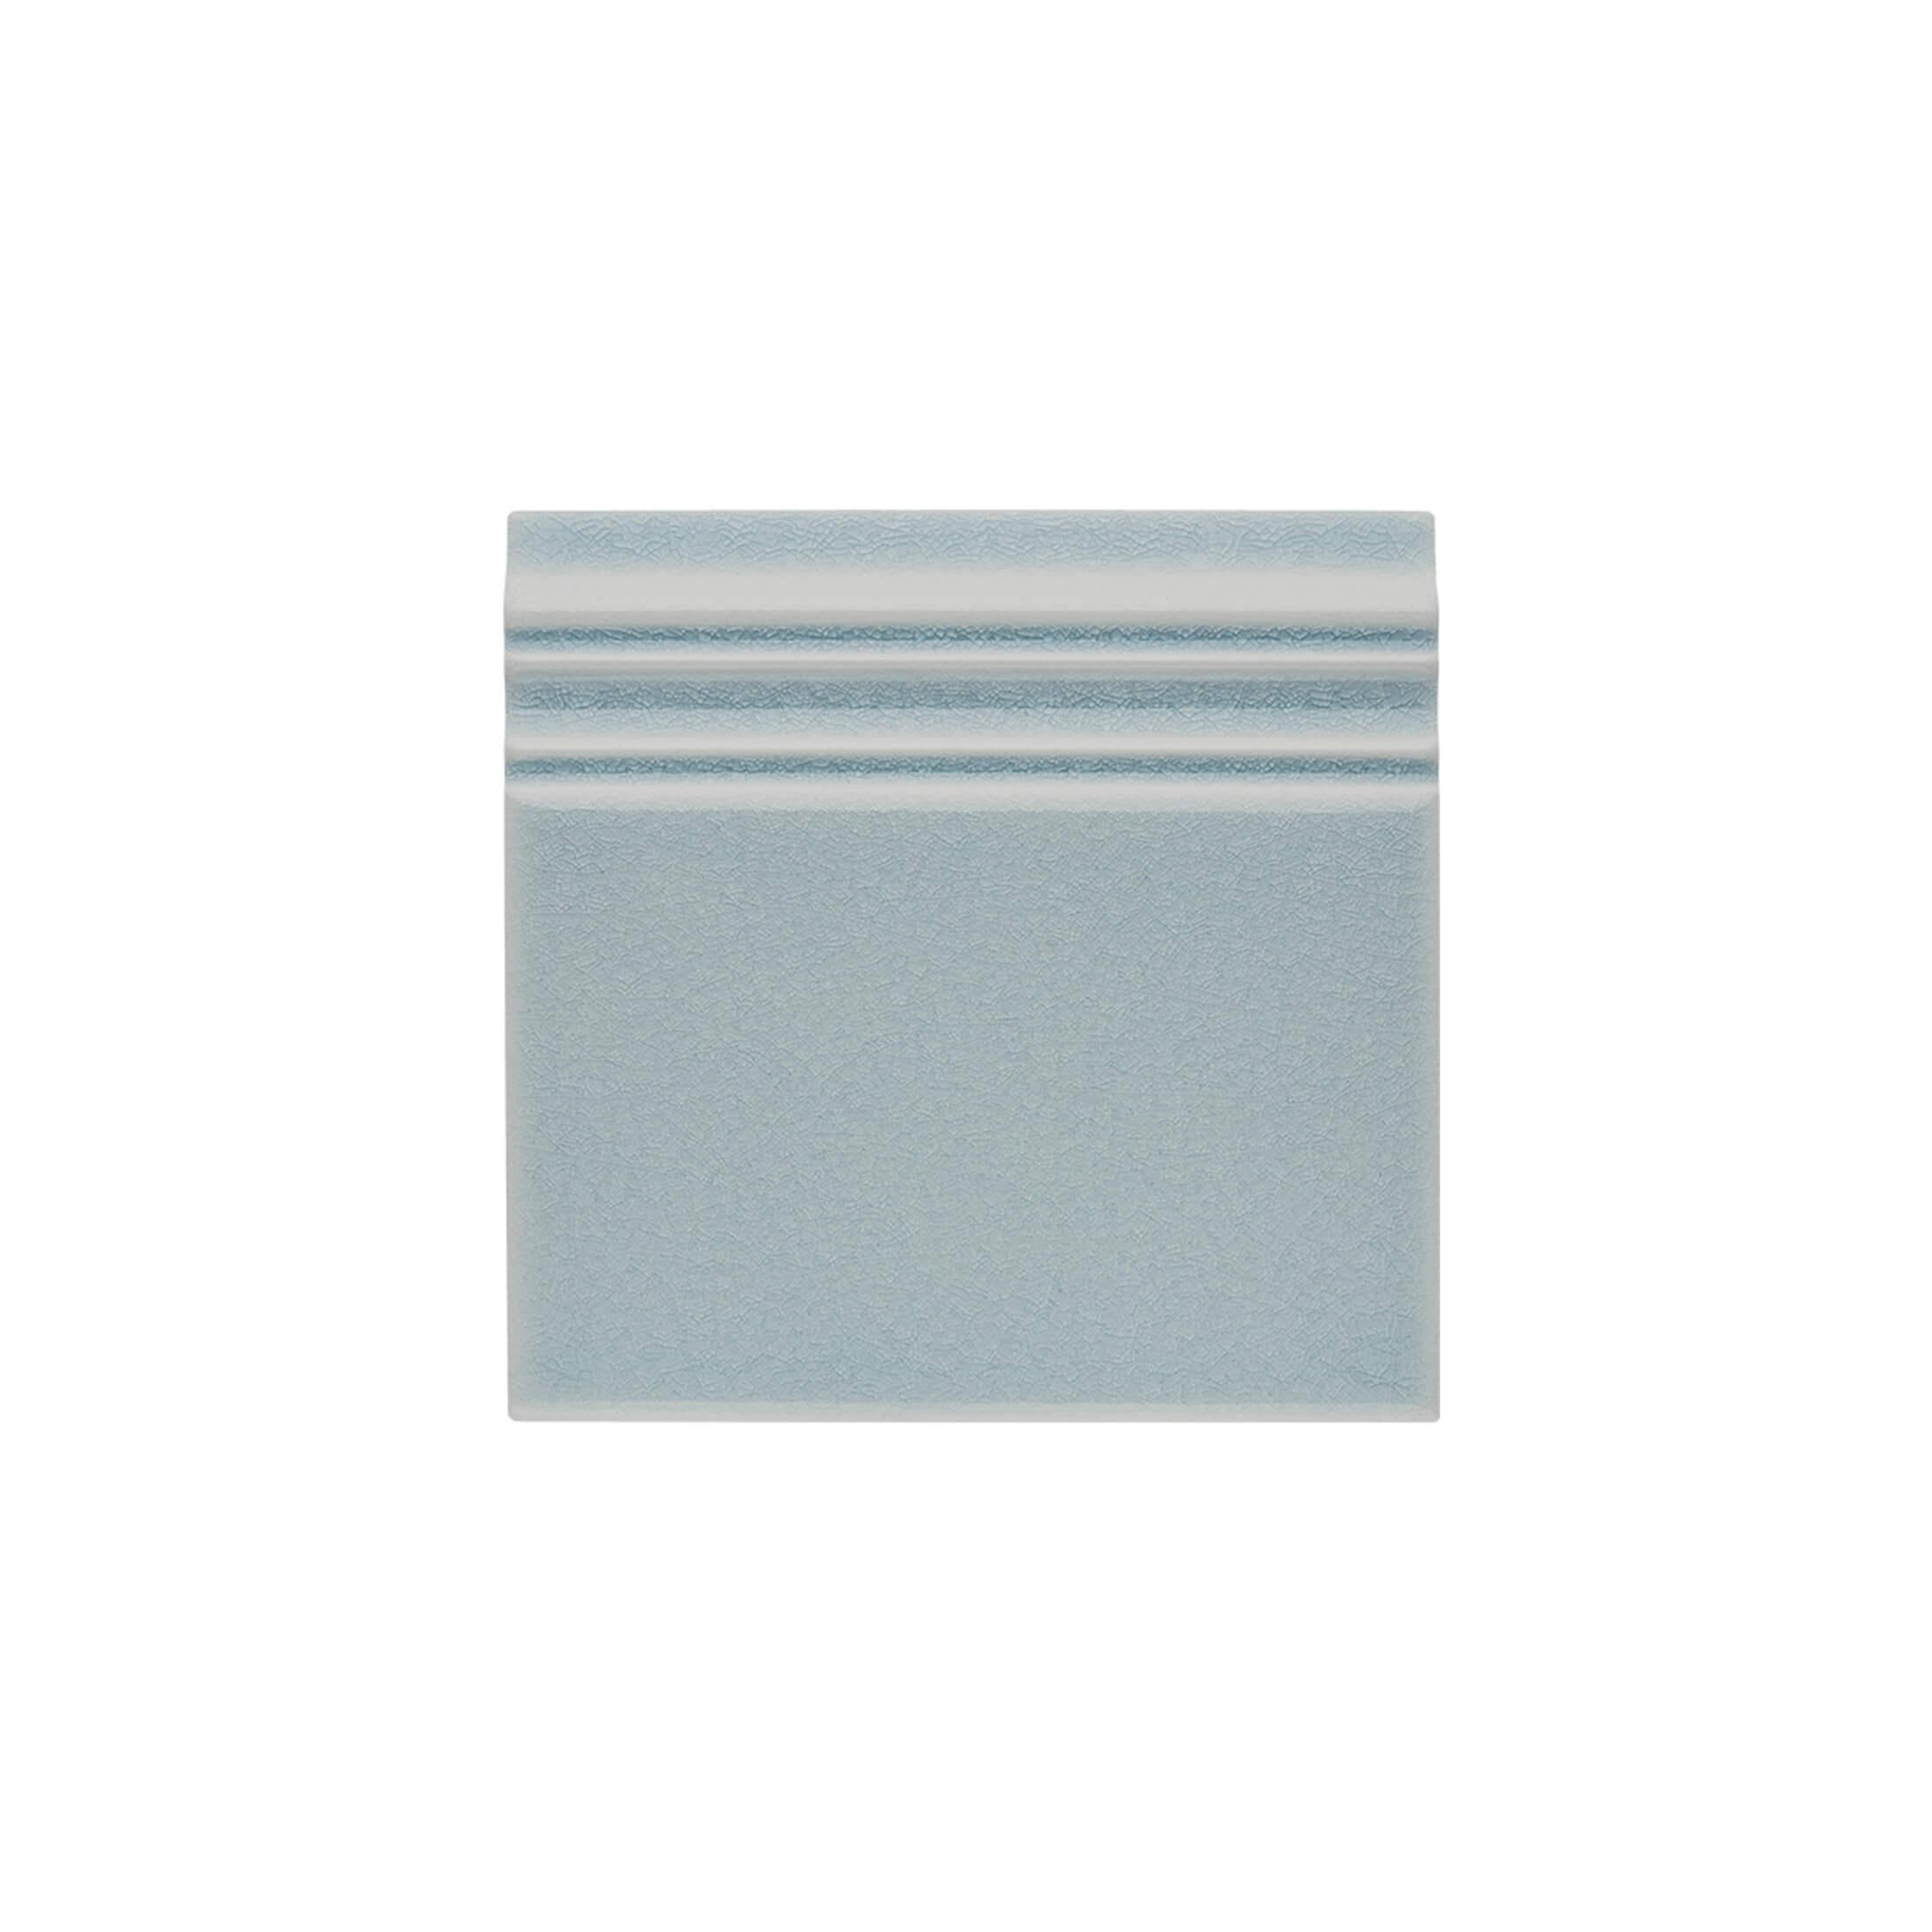 ADOC5063 - RODAPIE  - 15 cm X 15 cm